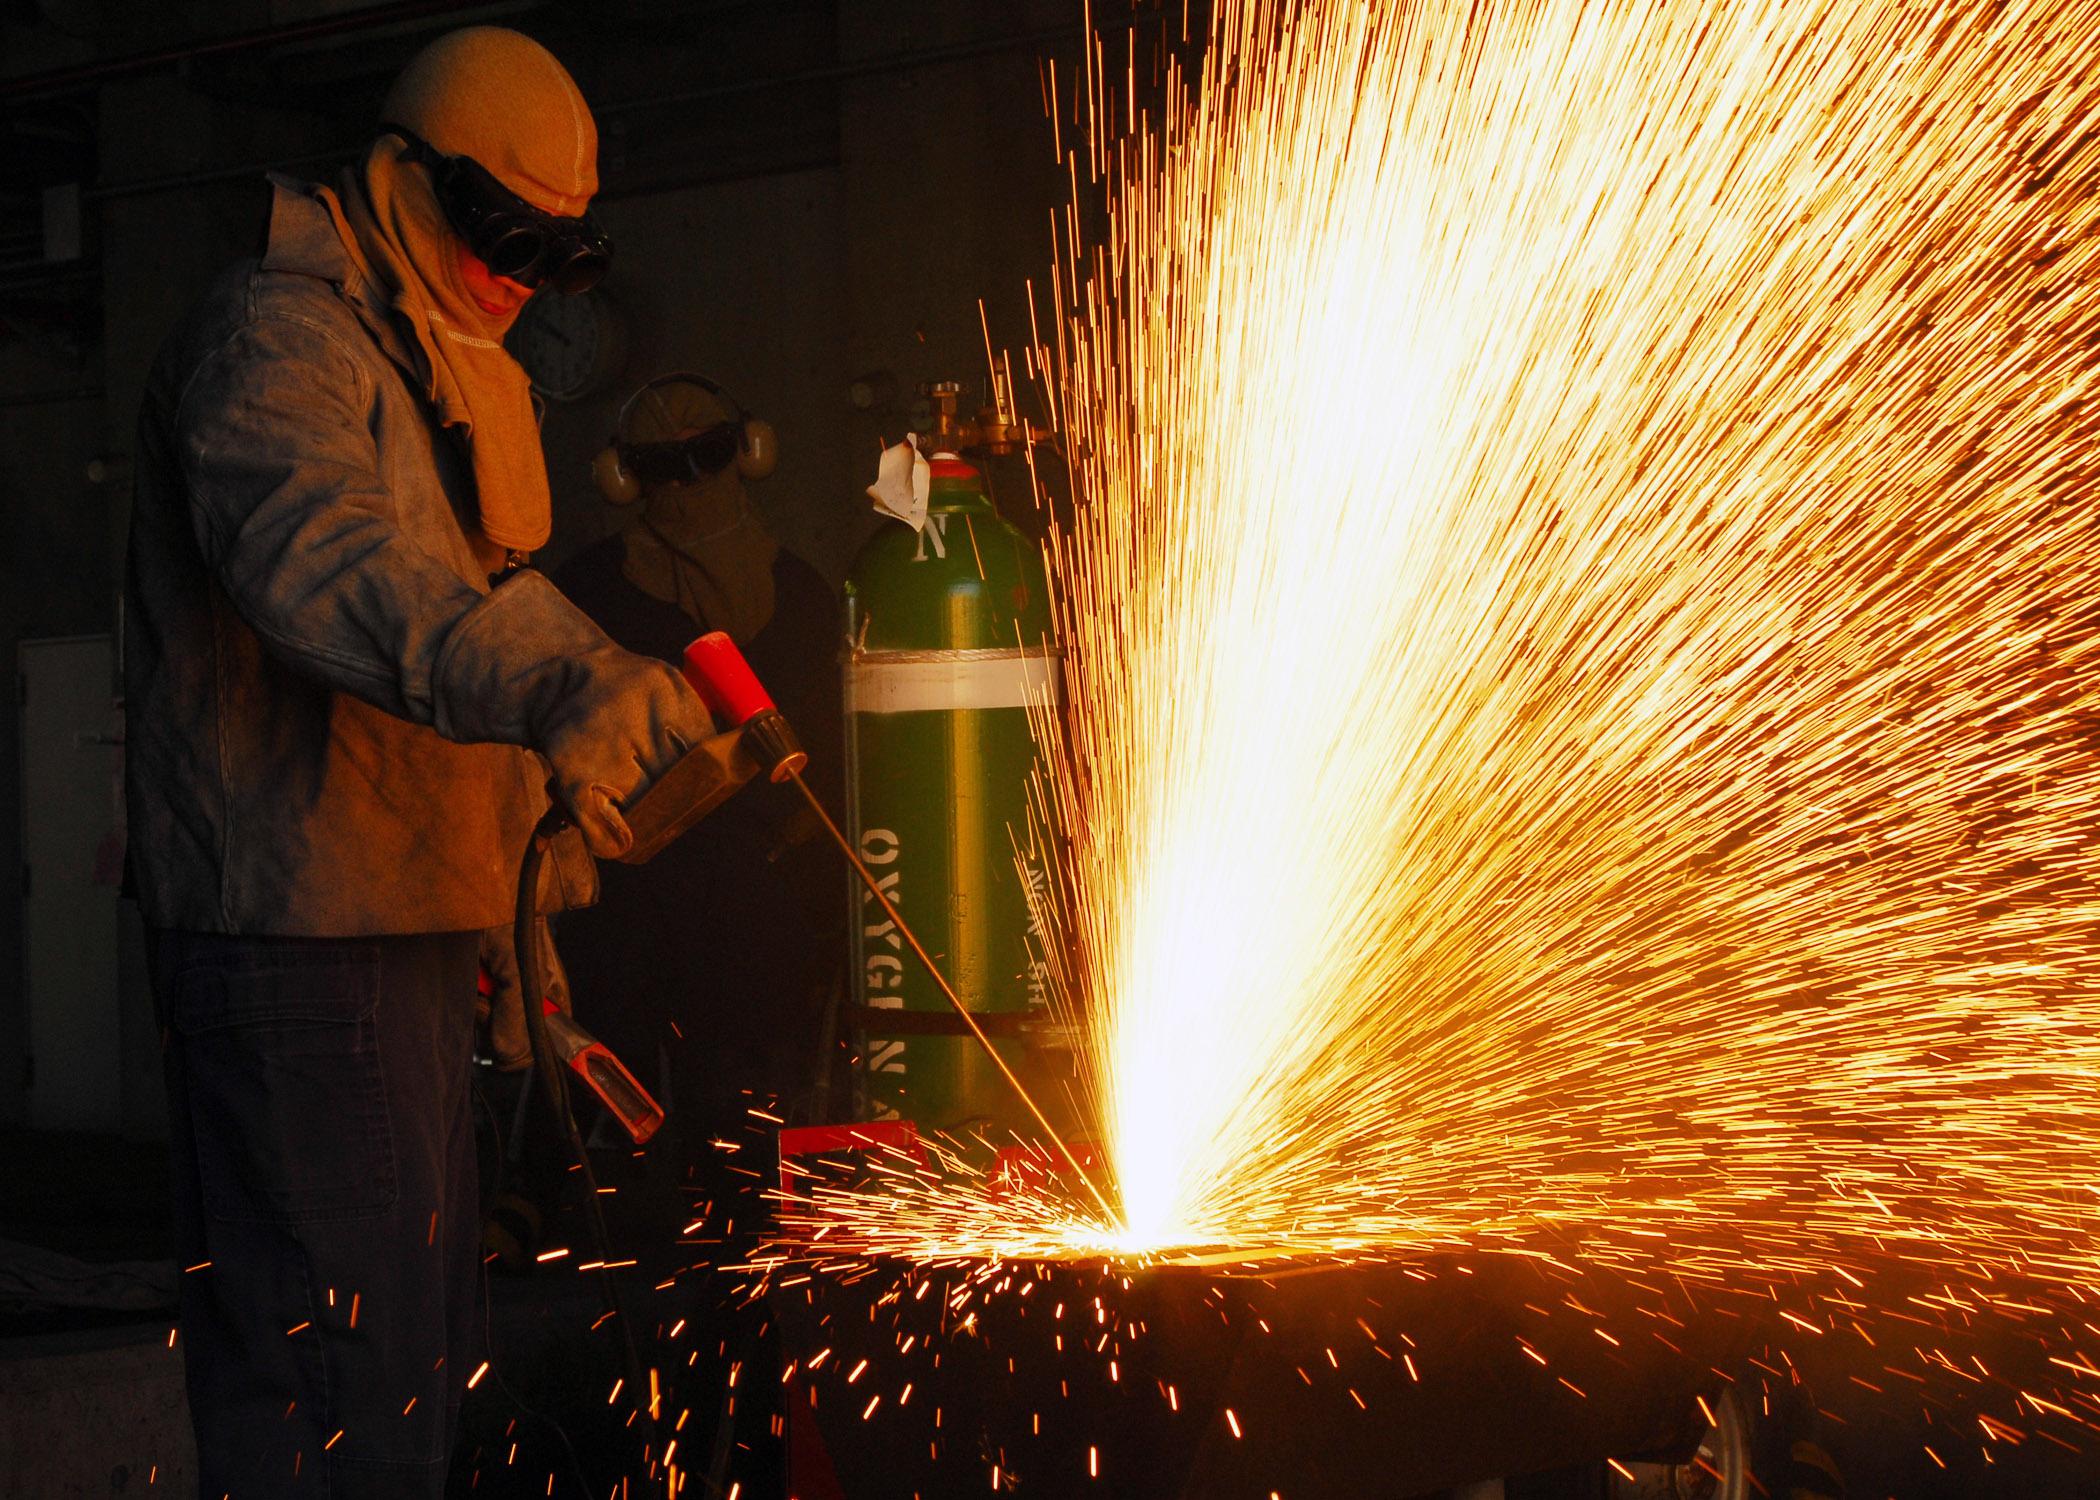 Резка металла с использованием газового резака